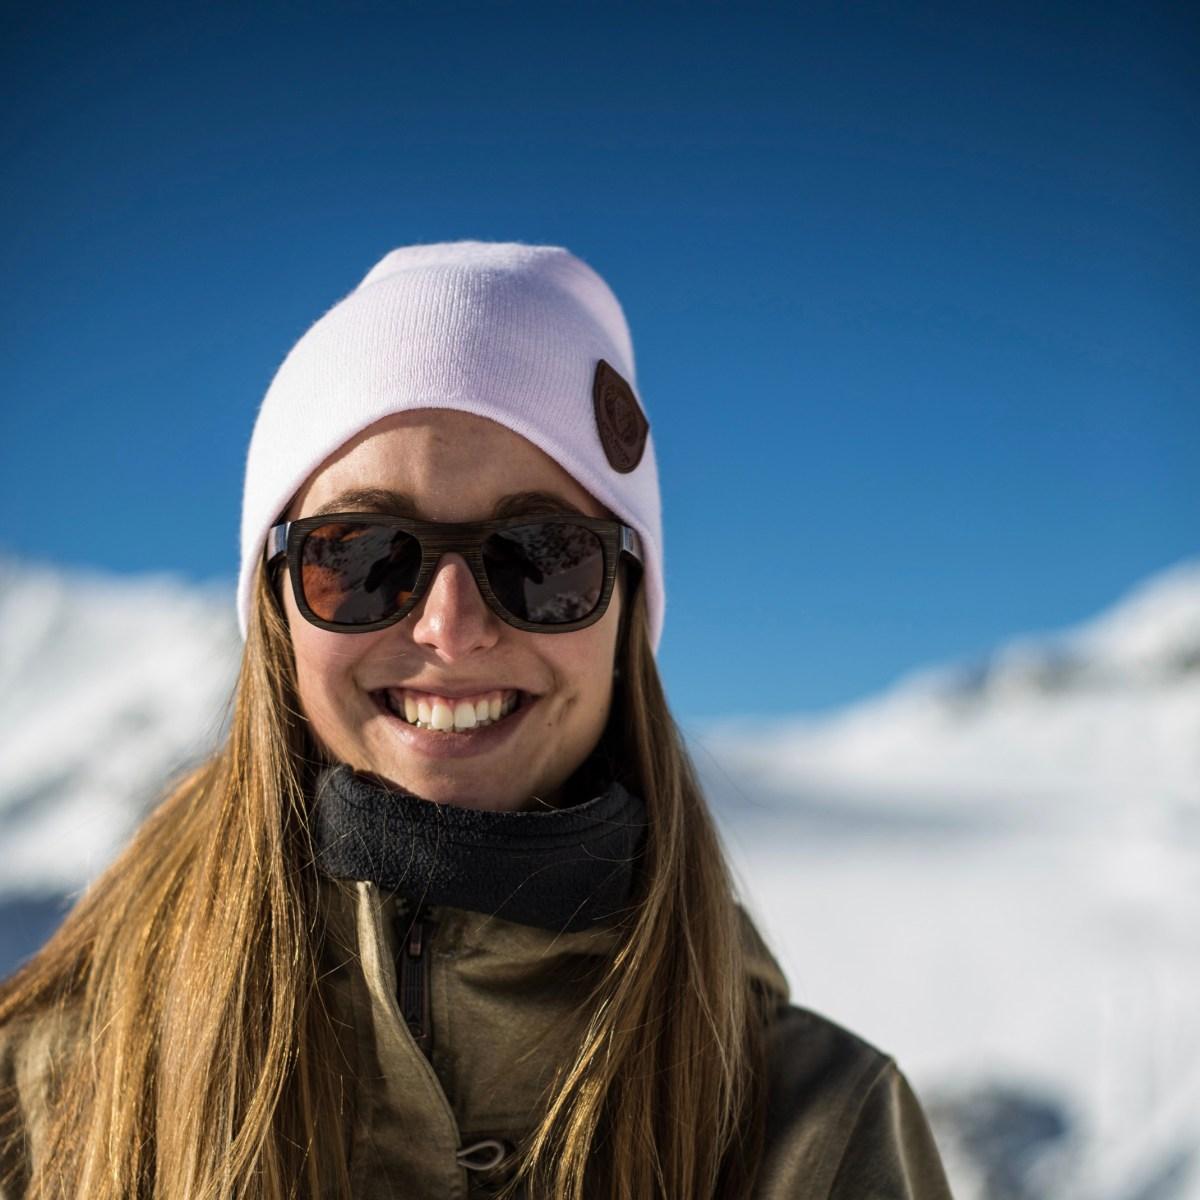 Delayon Eyewear Slouch Beanie Mütze Ski Brille